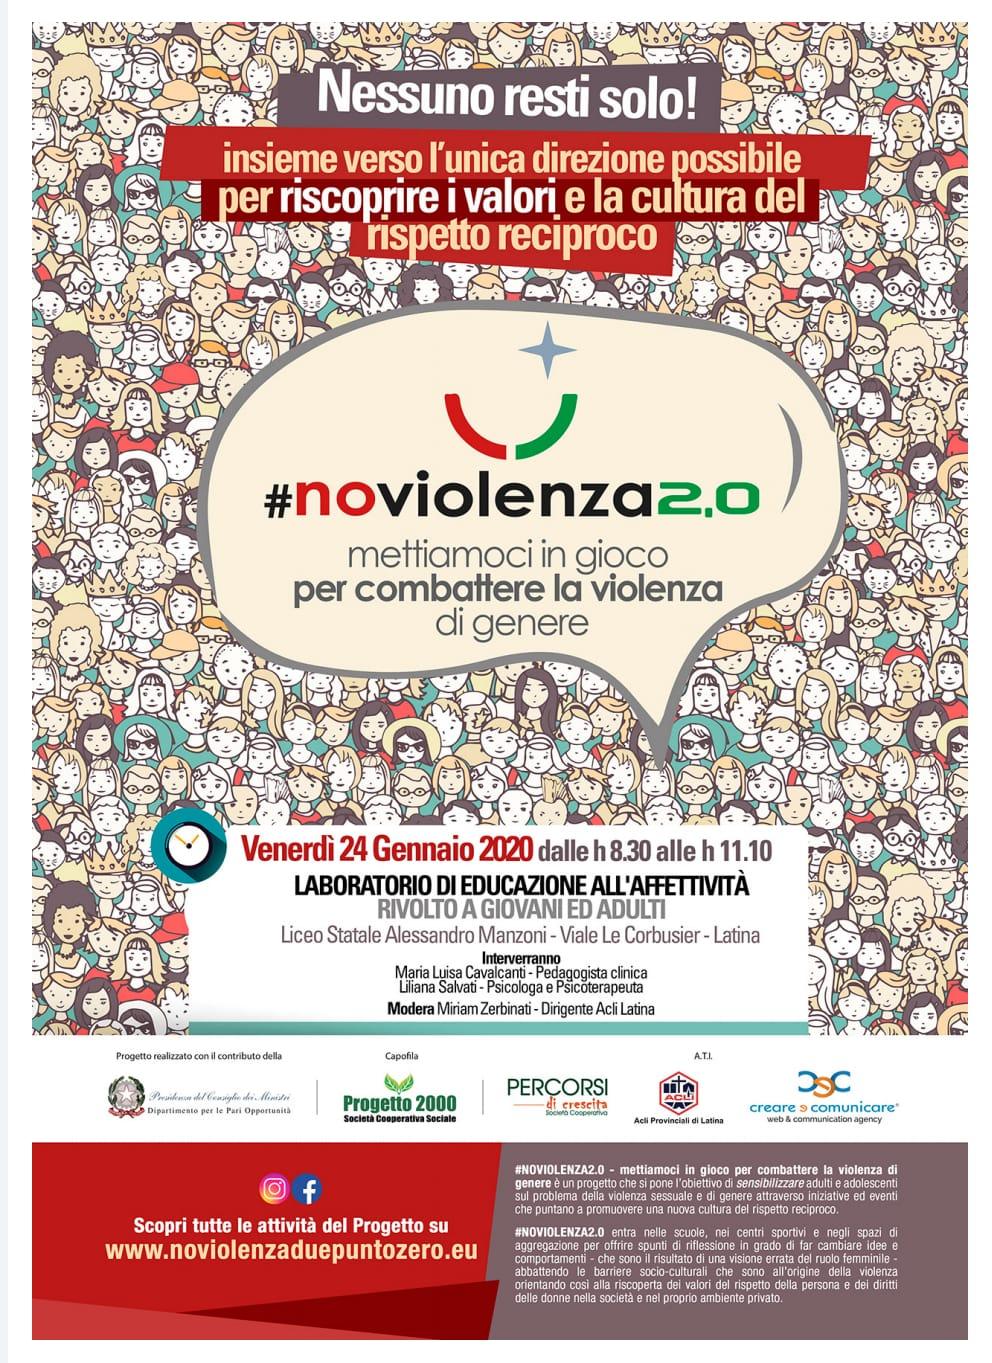 #NoViolenza2.0 : Le Acli sensibilizzanoancora.